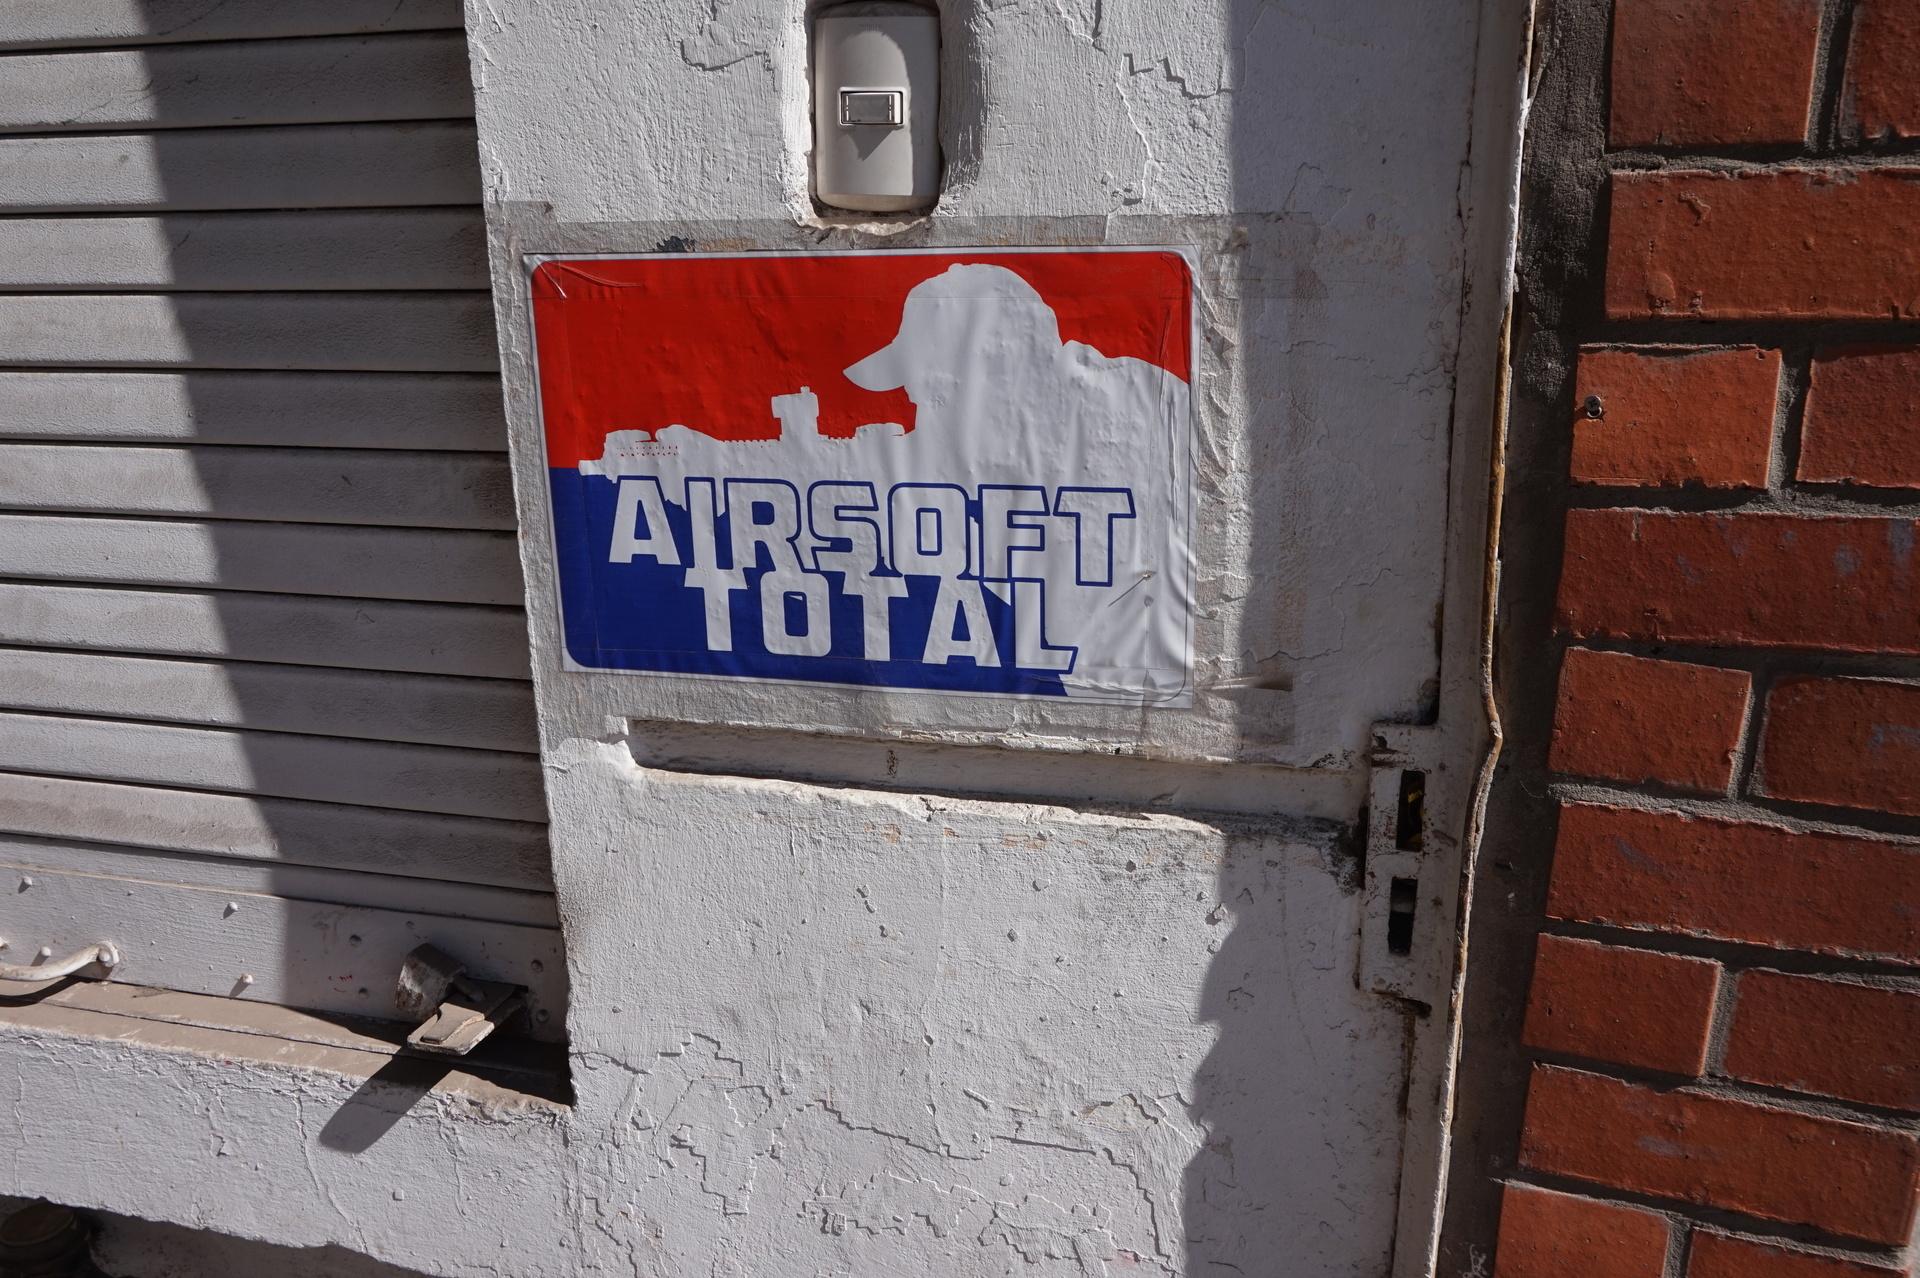 チリ サンティアゴ 海外サバゲー ショップ紹介 AirsoftTotal 看板